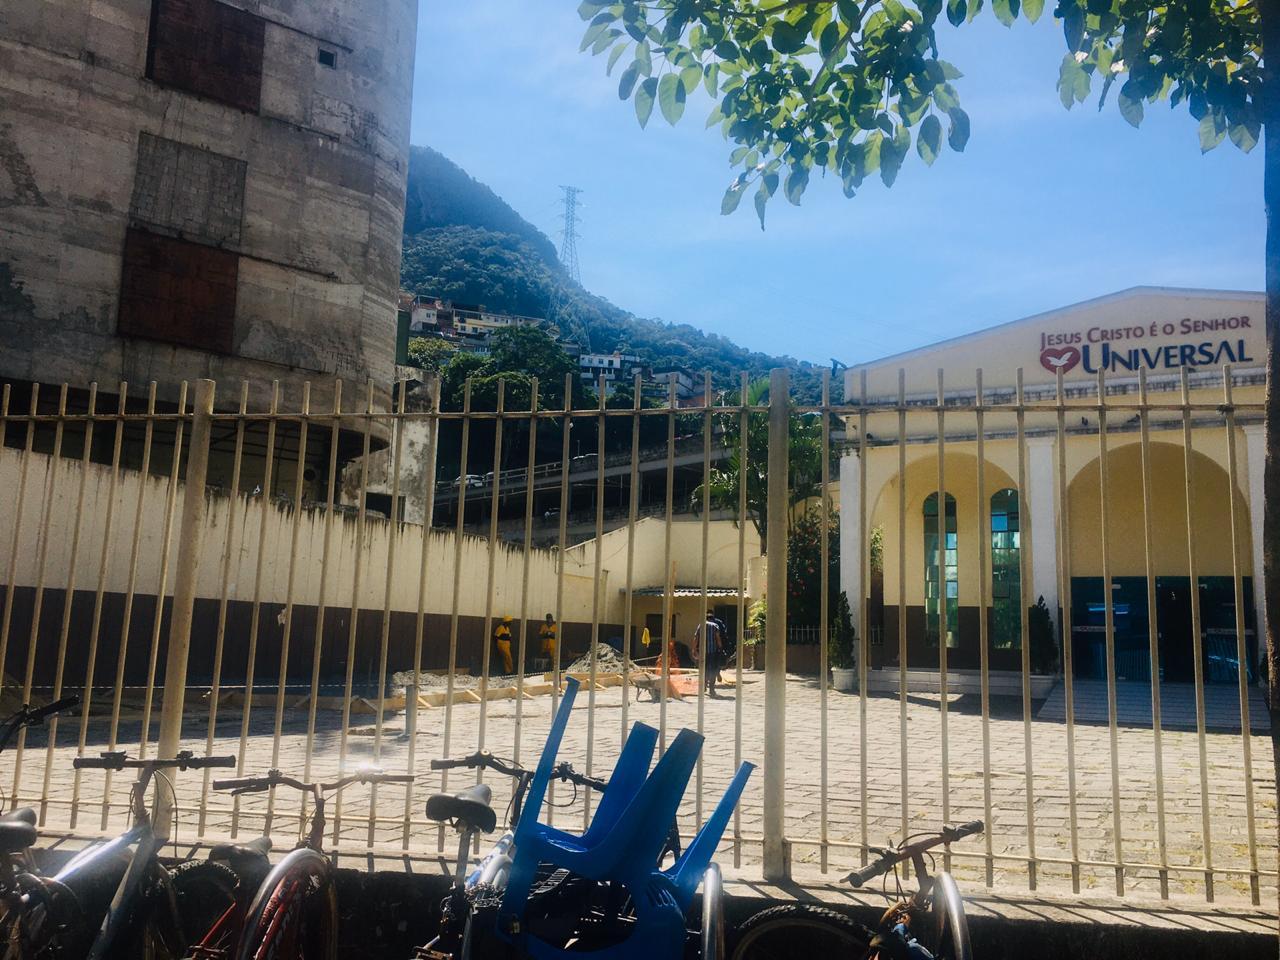 Prefeitura do Rio ganha na justiça o direito de construção do tomógrafo na igreja Universal na Rocinha; medida ainda cabe recurso